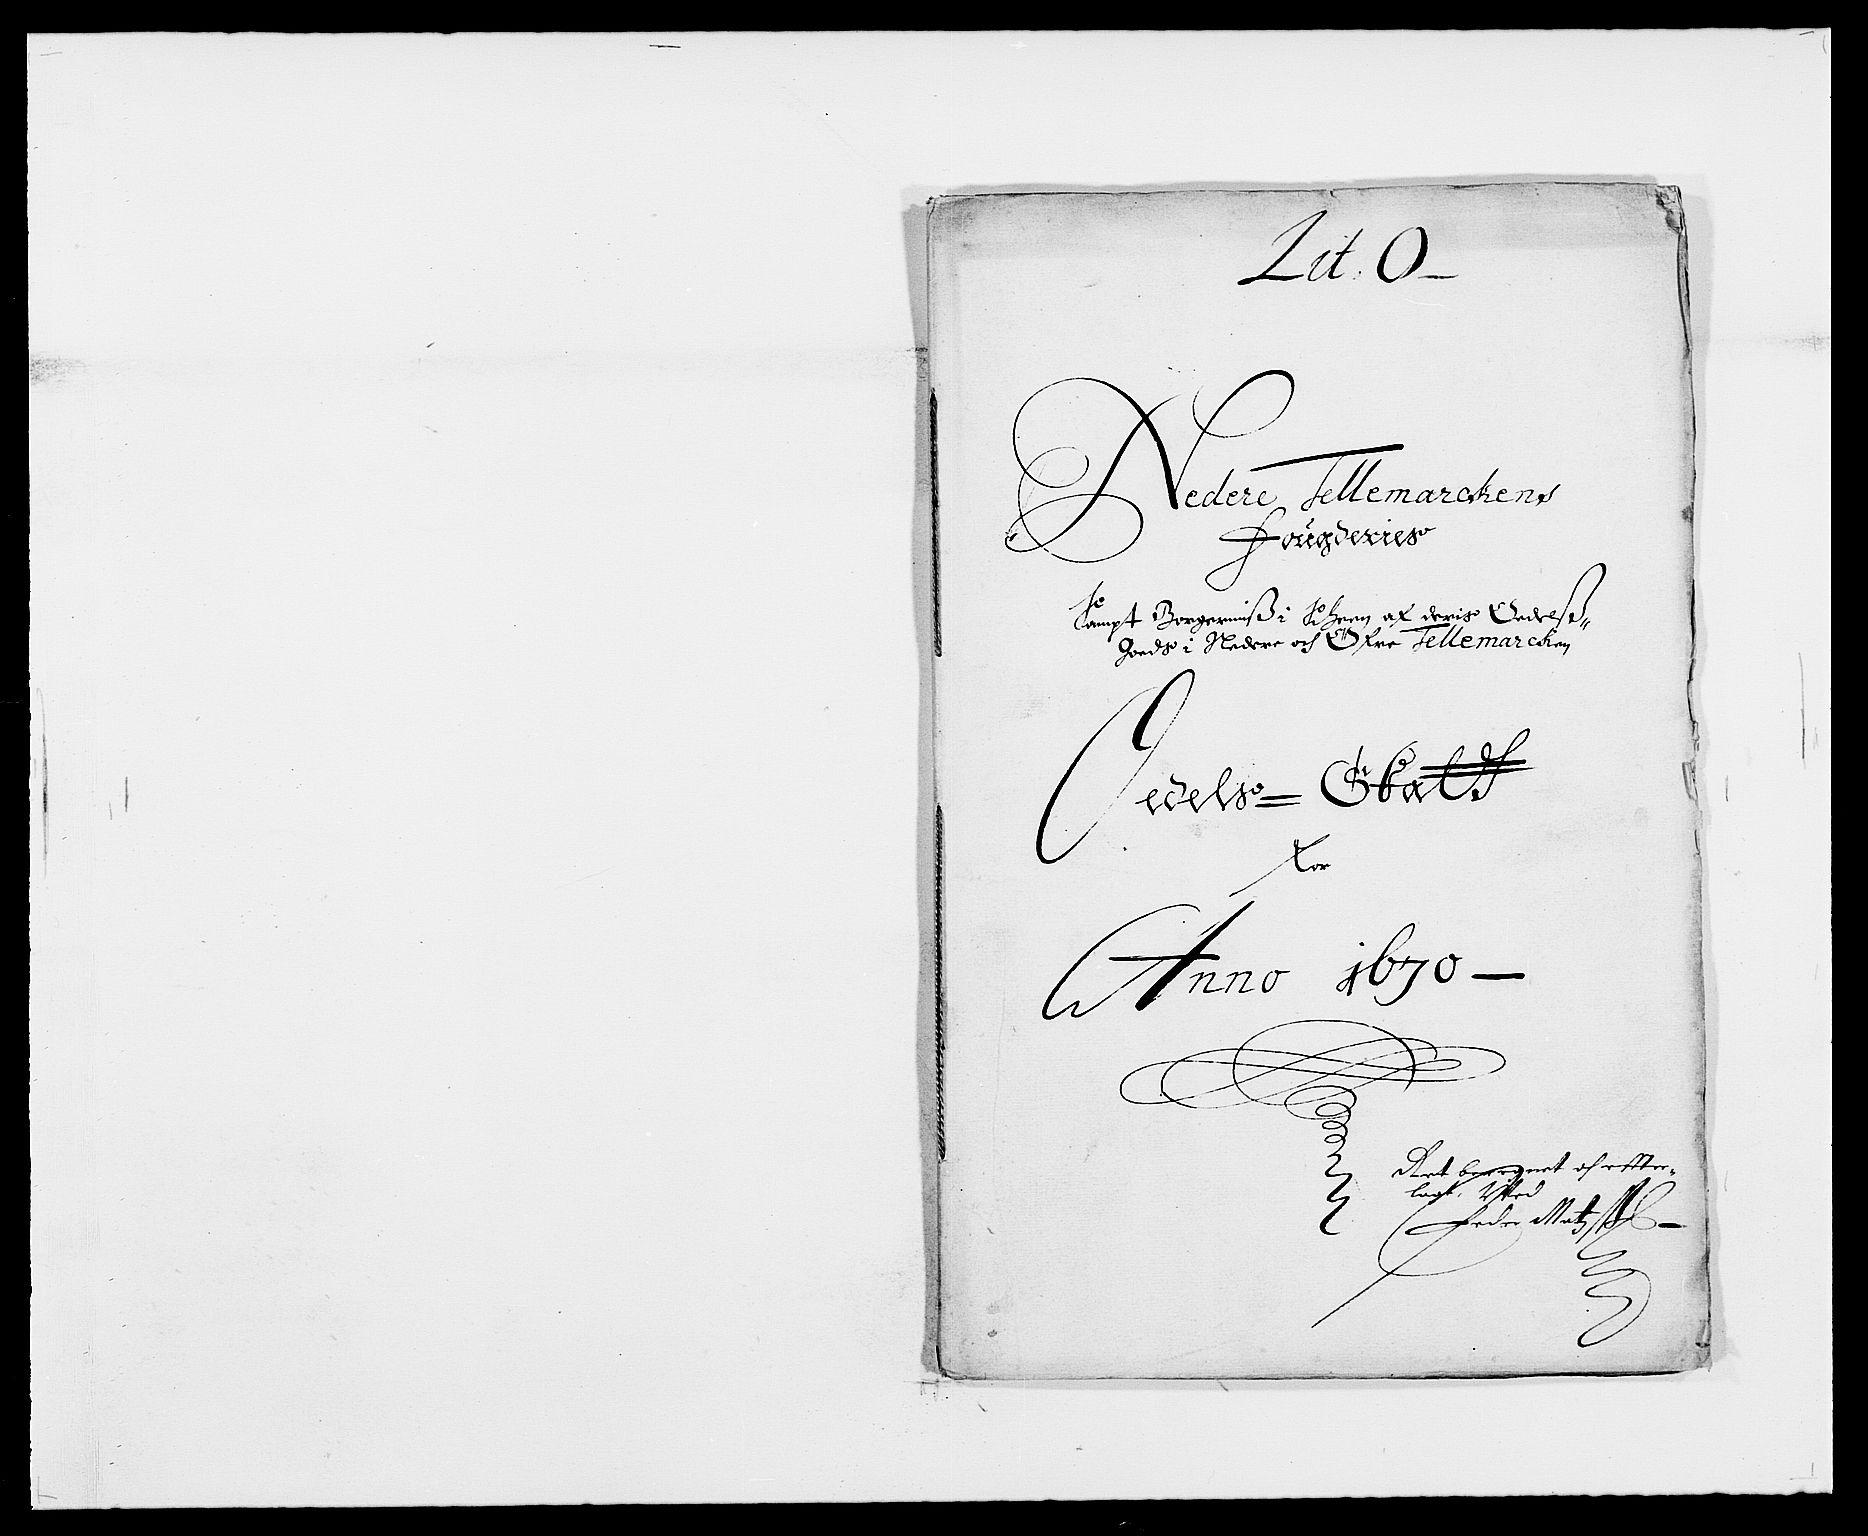 RA, Rentekammeret inntil 1814, Reviderte regnskaper, Fogderegnskap, R35/L2058: Fogderegnskap Øvre og Nedre Telemark, 1668-1670, s. 257